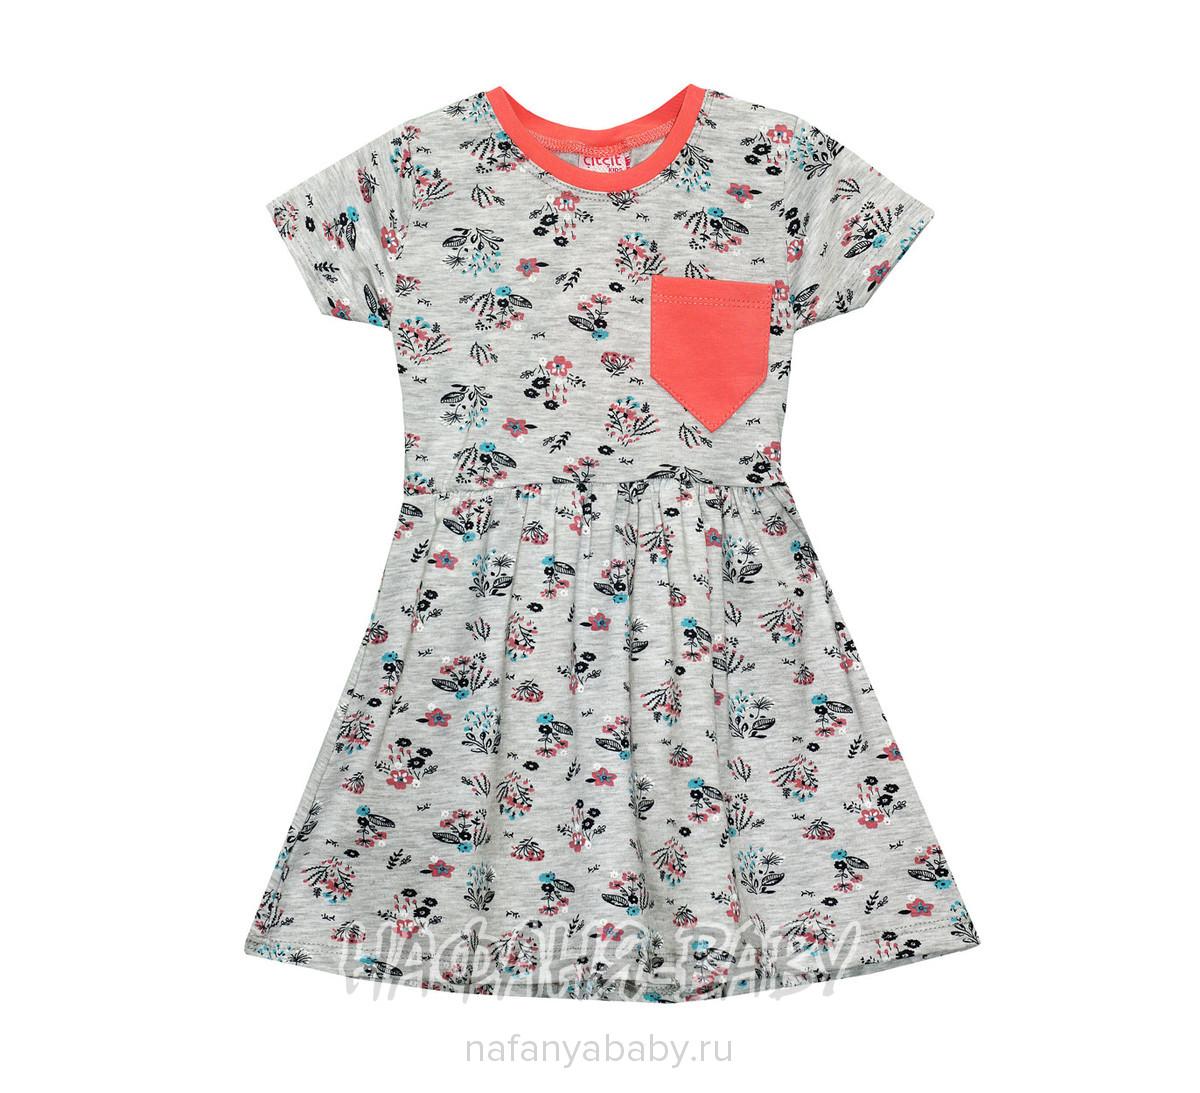 Детское платье Cit Cit арт: 4066, оптом Турция